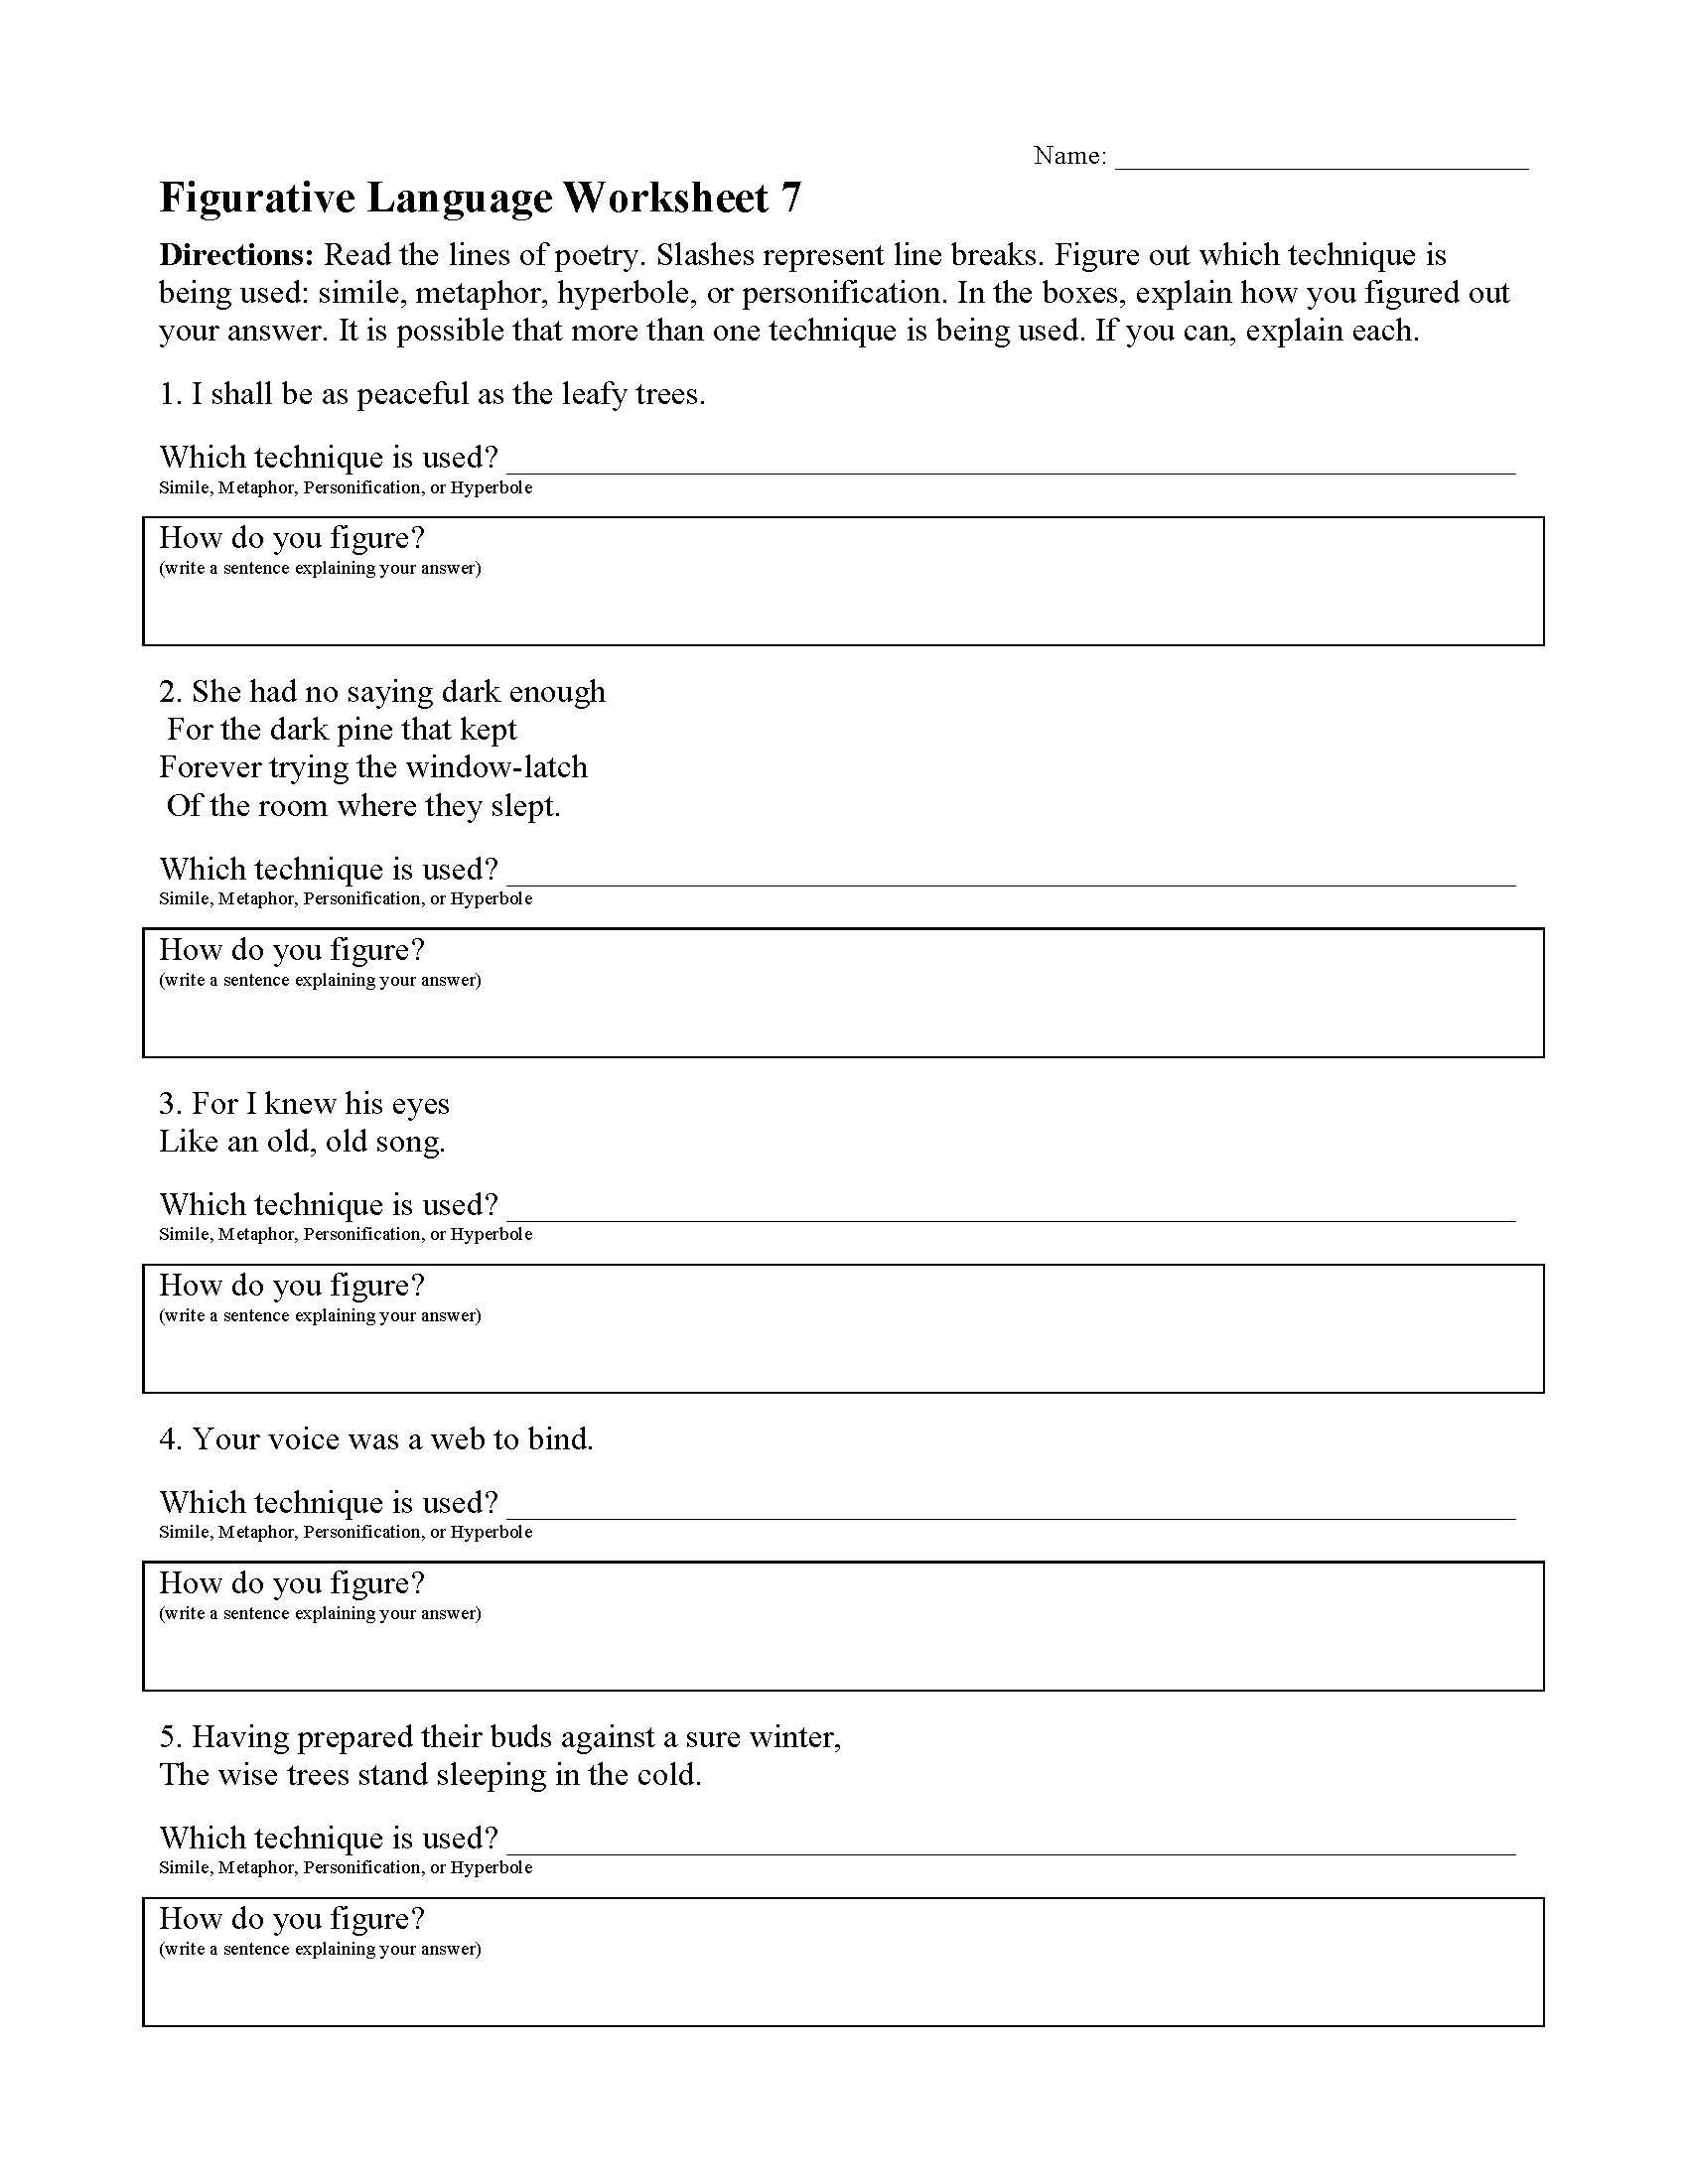 5 Figurative Language Worksheet